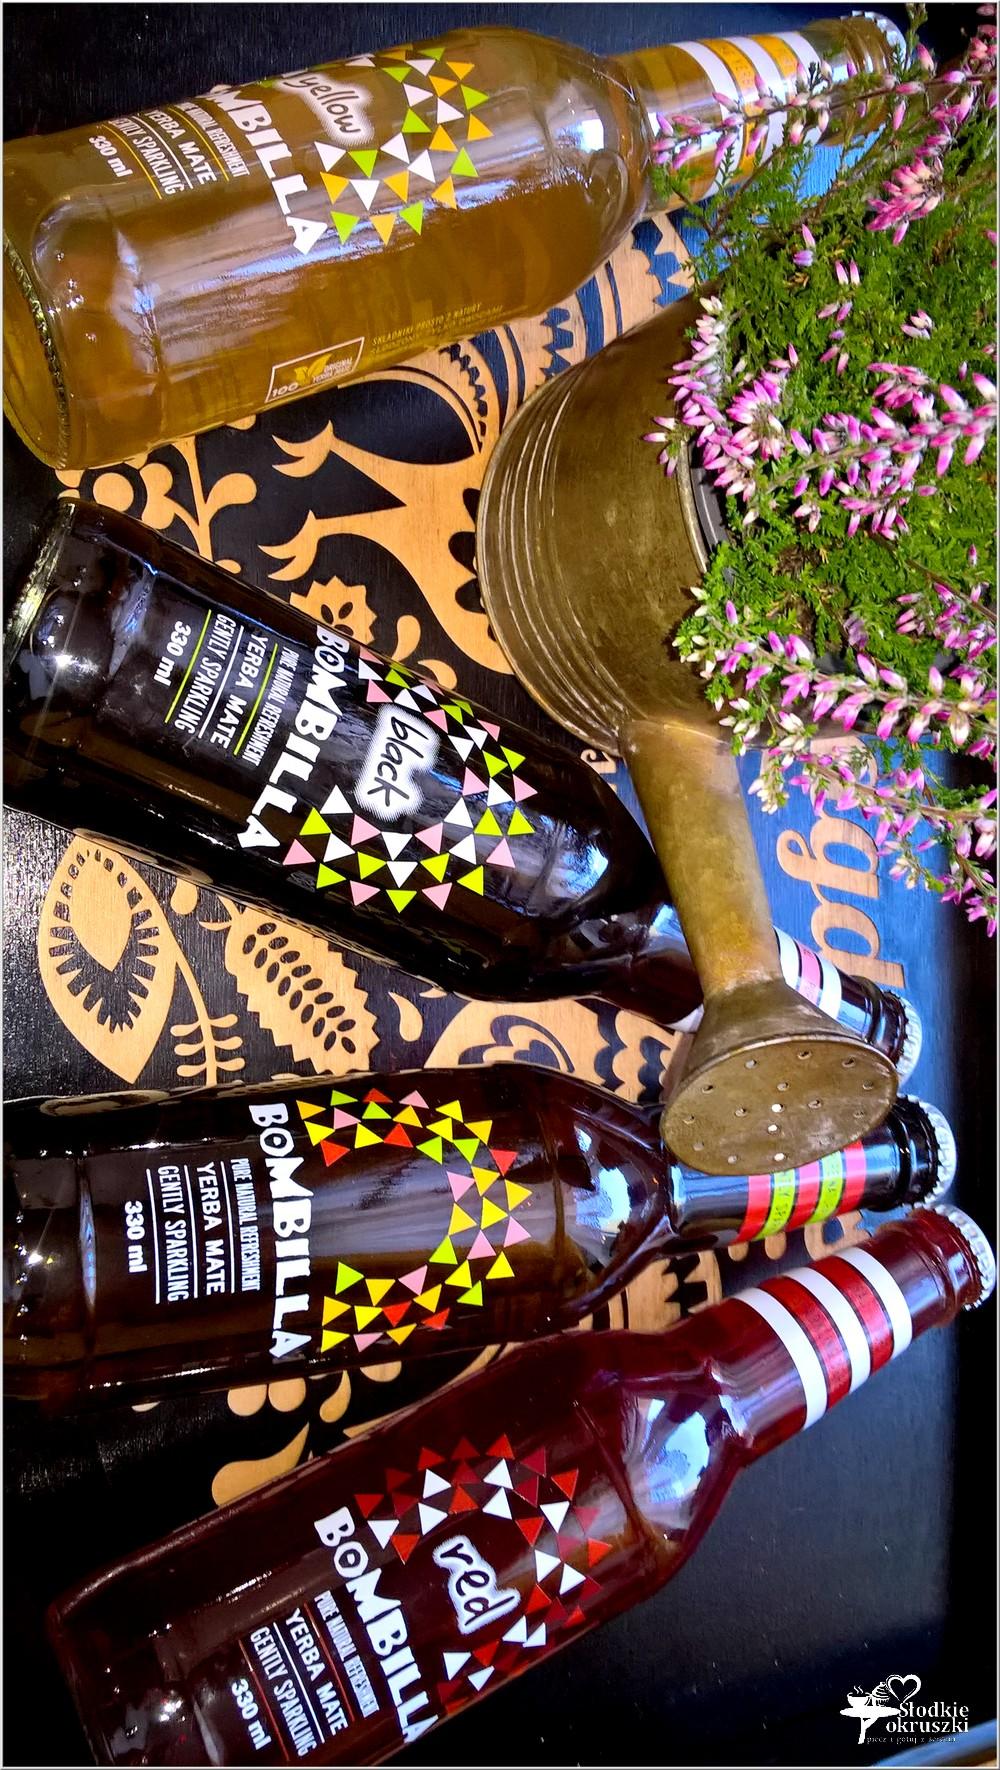 Bombilladrink - smak, wzmocnienie, rześkość. To więcej niż napój (4)